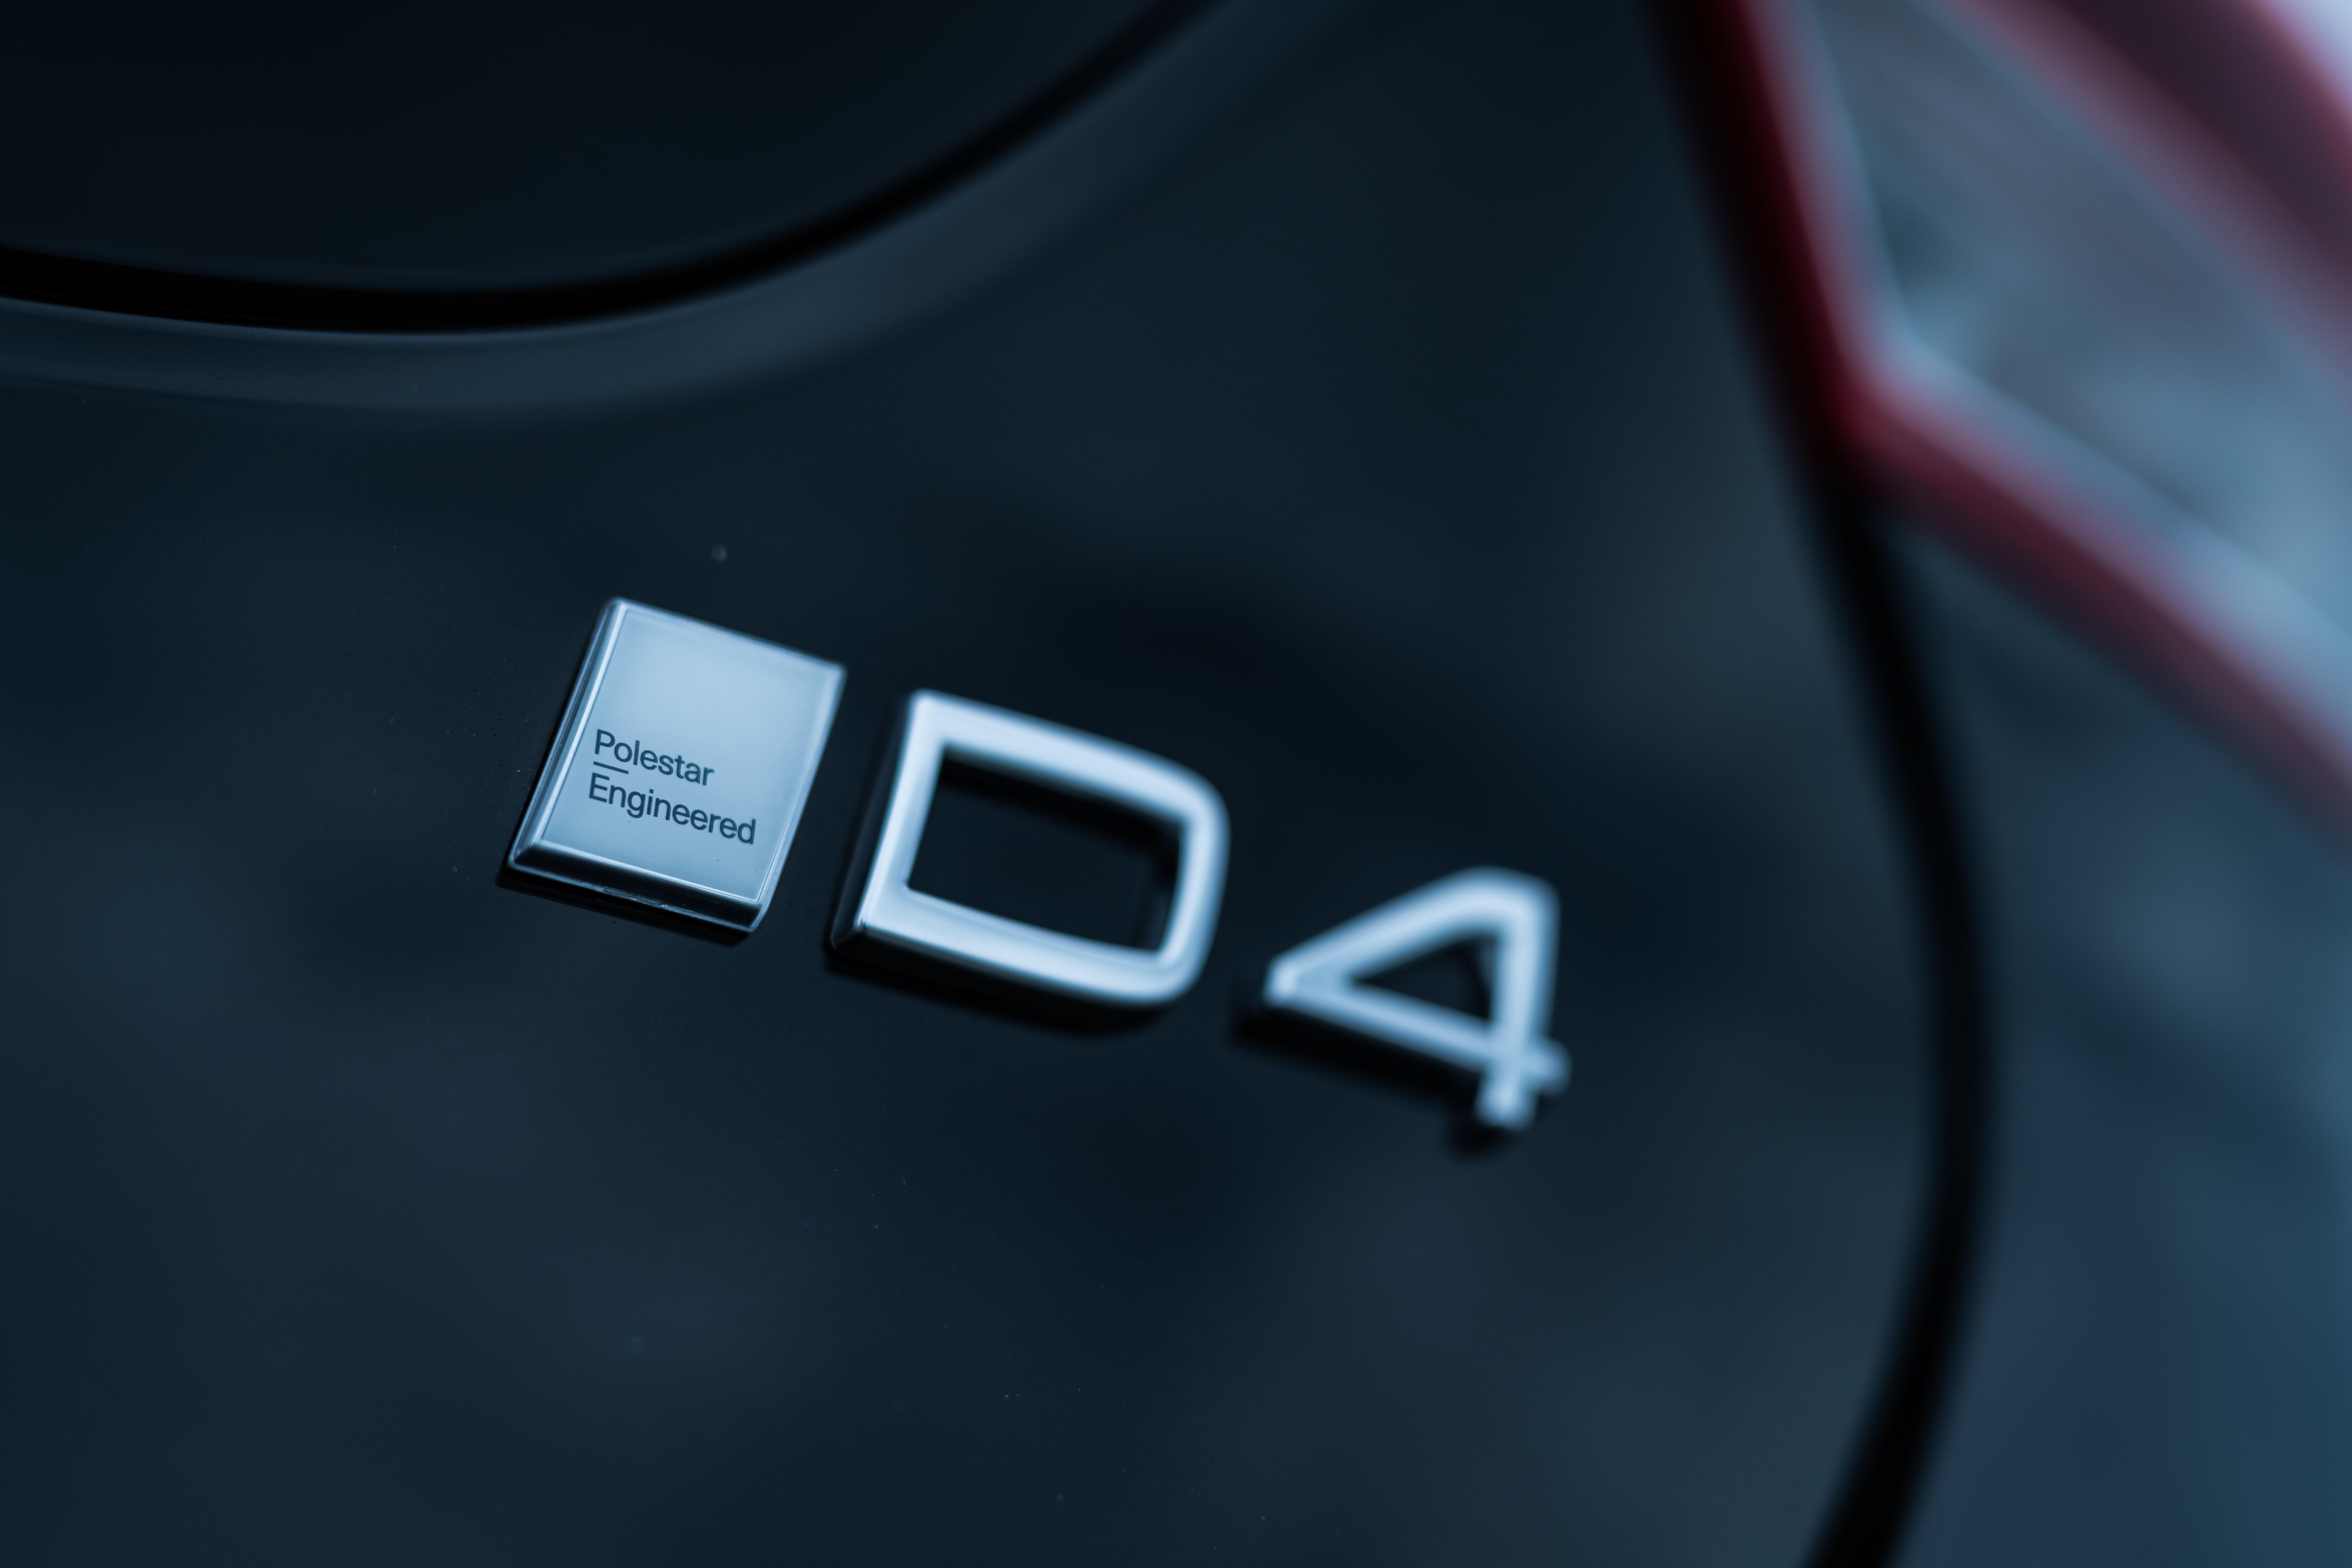 プラス19万円の価値を考える──ボルボ ポールスター・パフォーマンス・ソフトウェア装着車試乗記